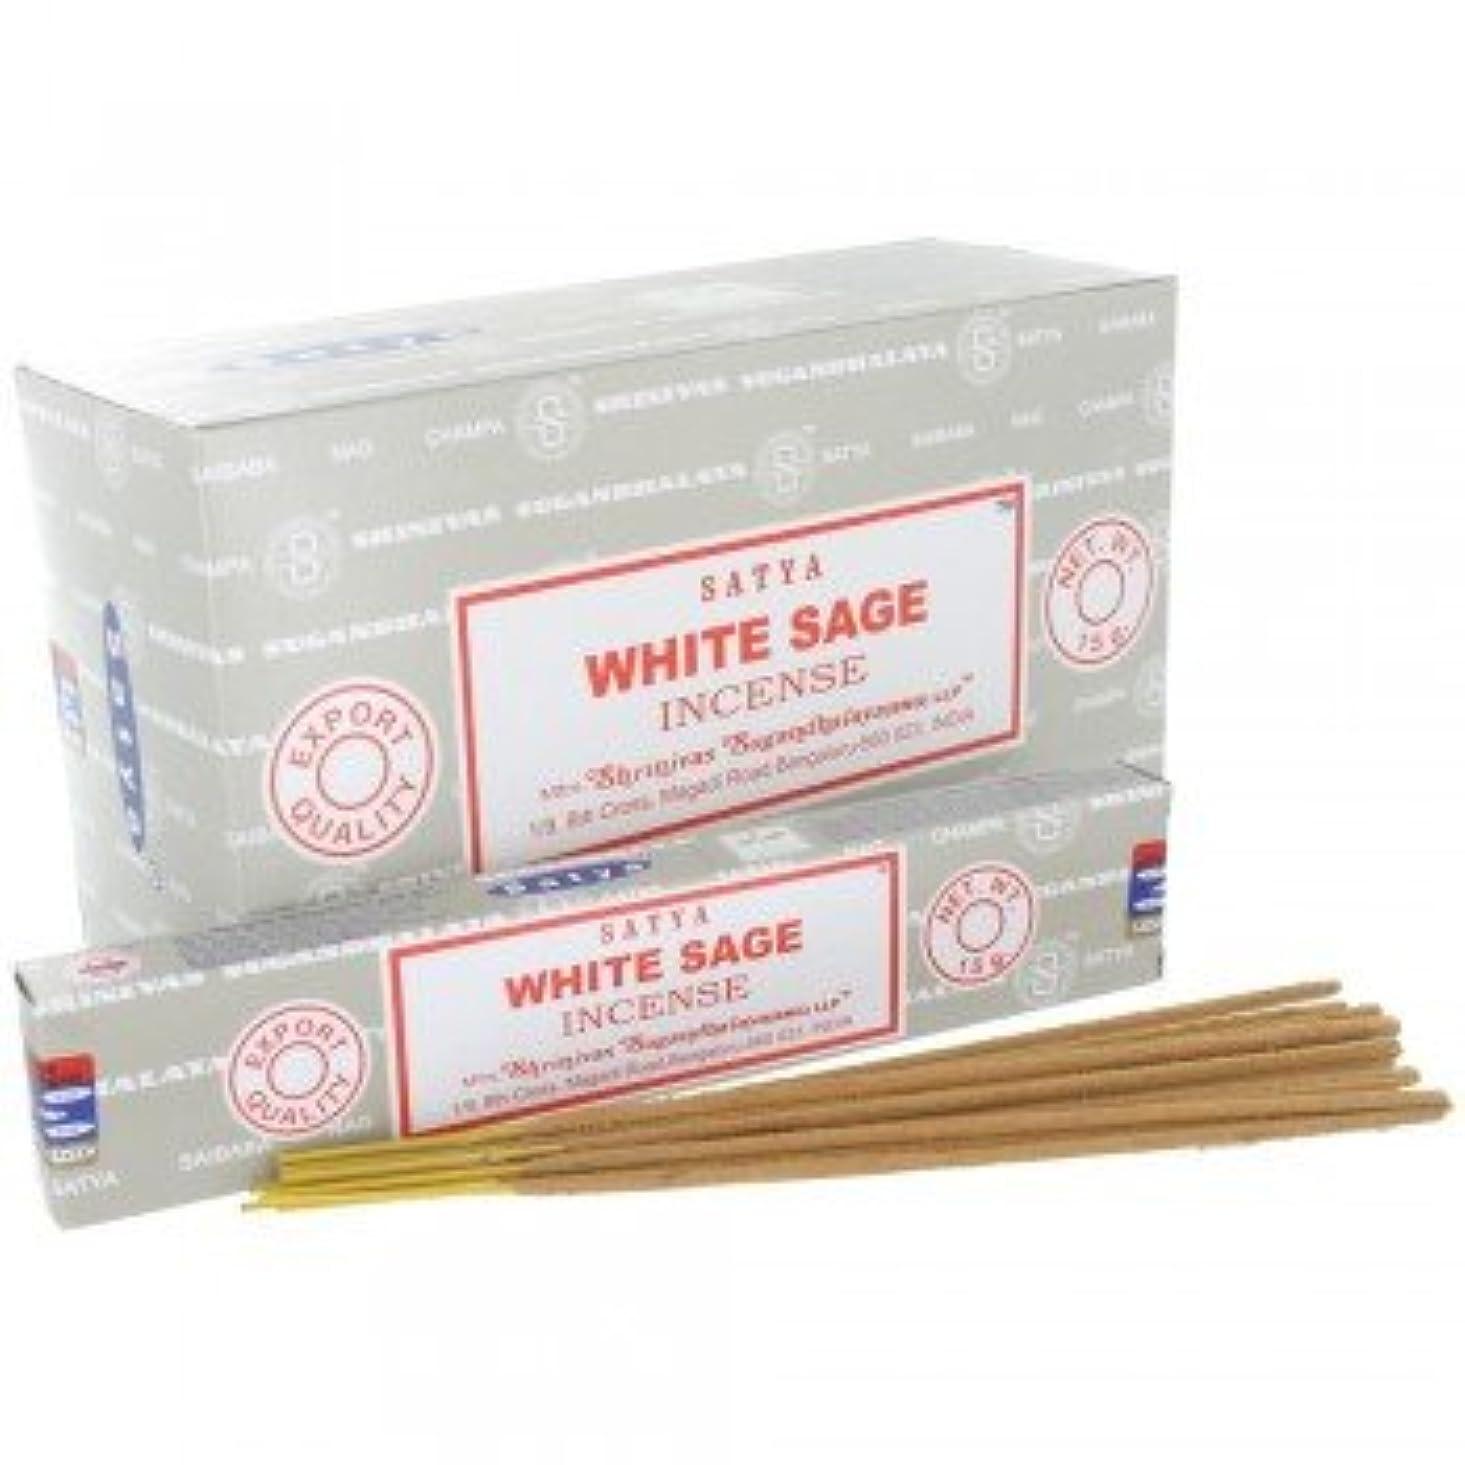 十年ロンドン引っ張るSATYA WHITE SAGE ホワイトセージ 聖なる樹 浄化 お香 スティック 約15g入 (1個) [並行輸入品]